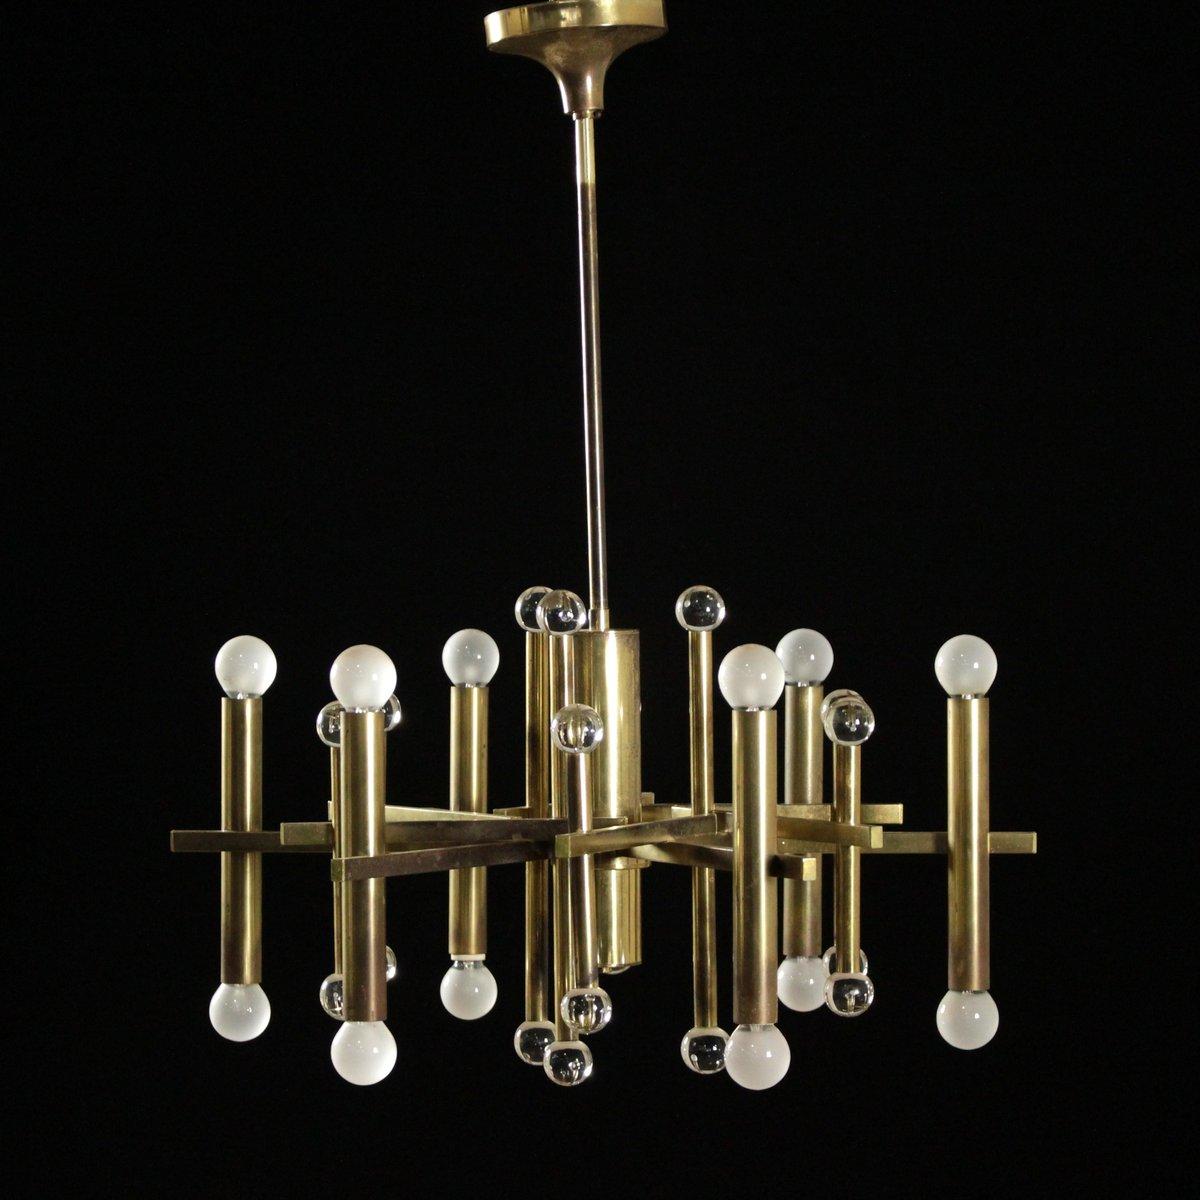 Vintage Italian Brass Glass Chandelier 1960s For Sale